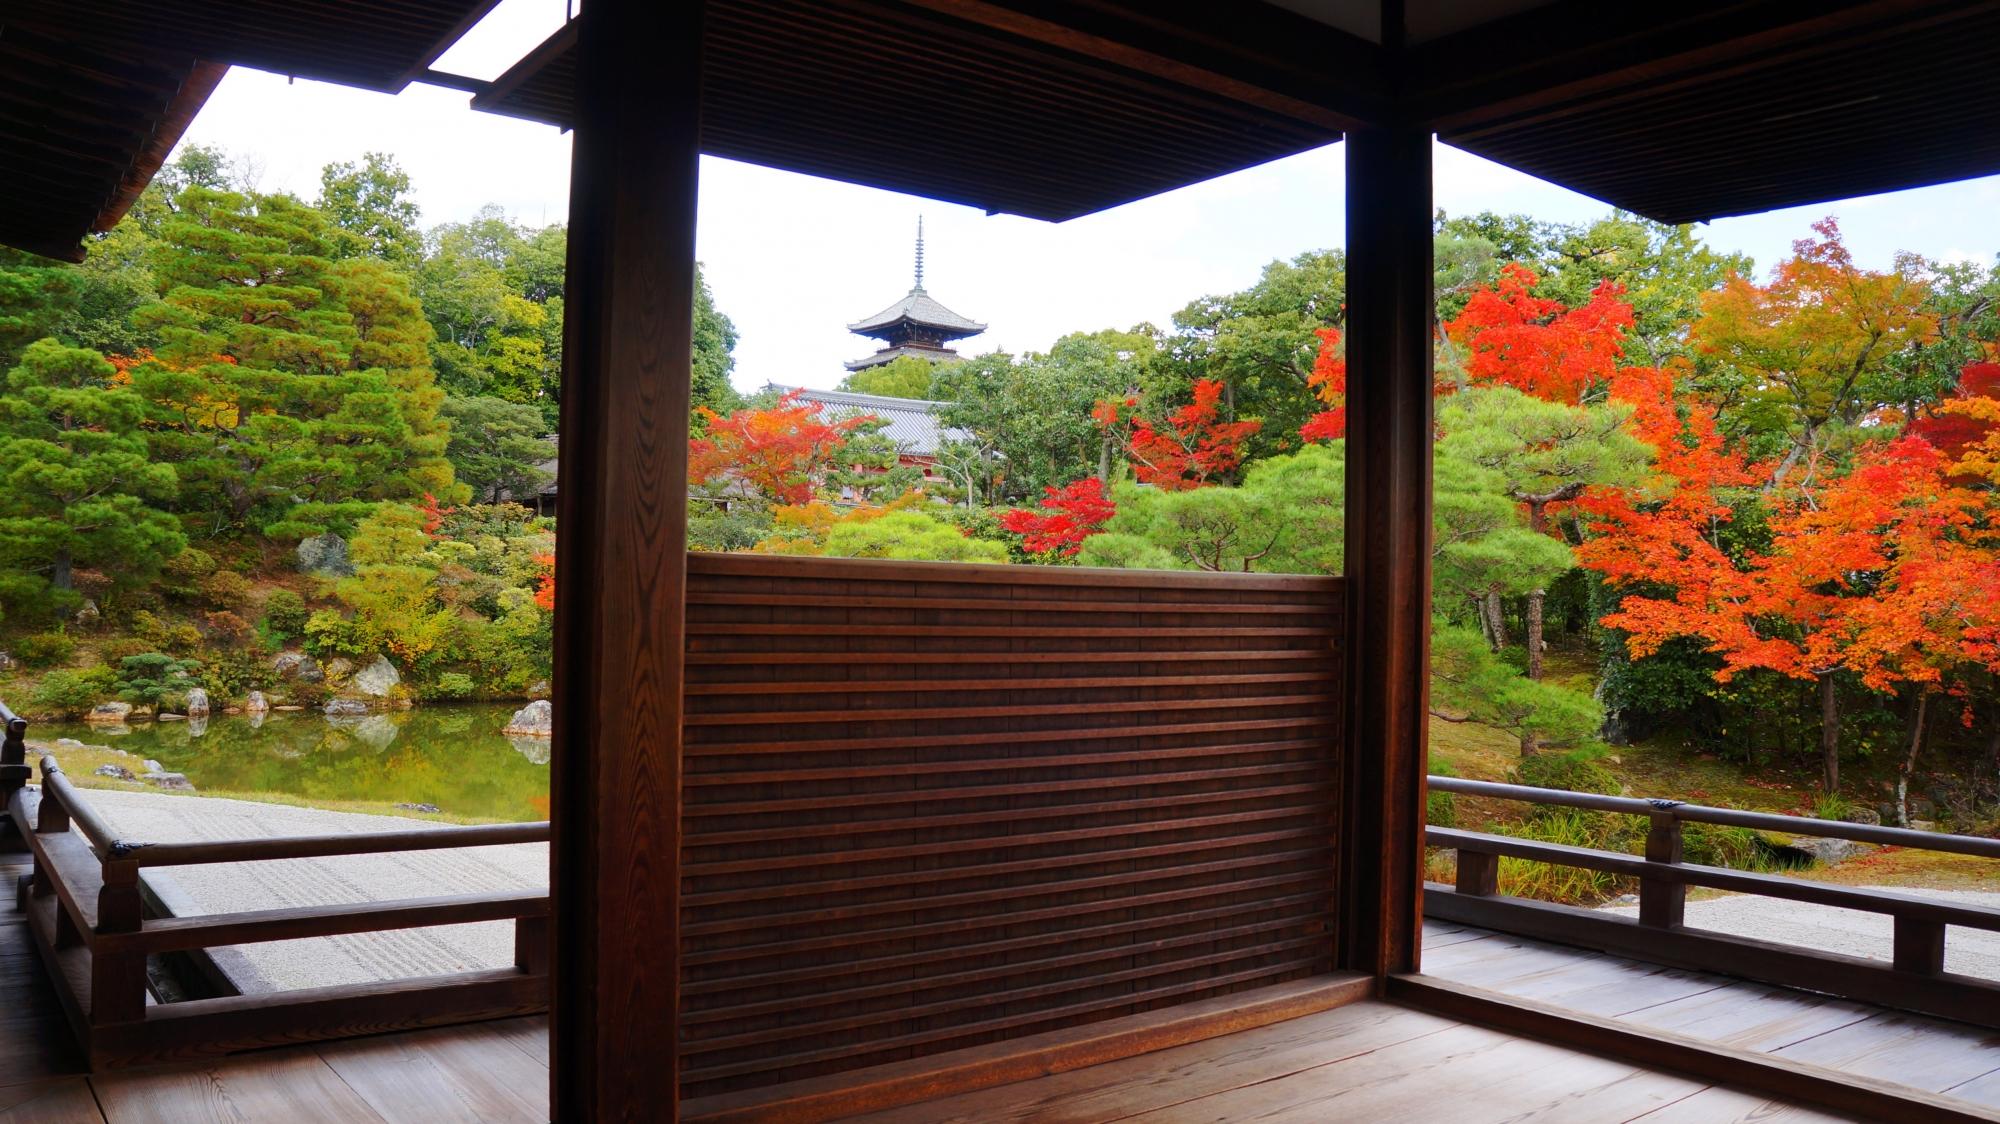 仁和寺独特の柱の間から眺めた五重塔と鮮やかな紅葉